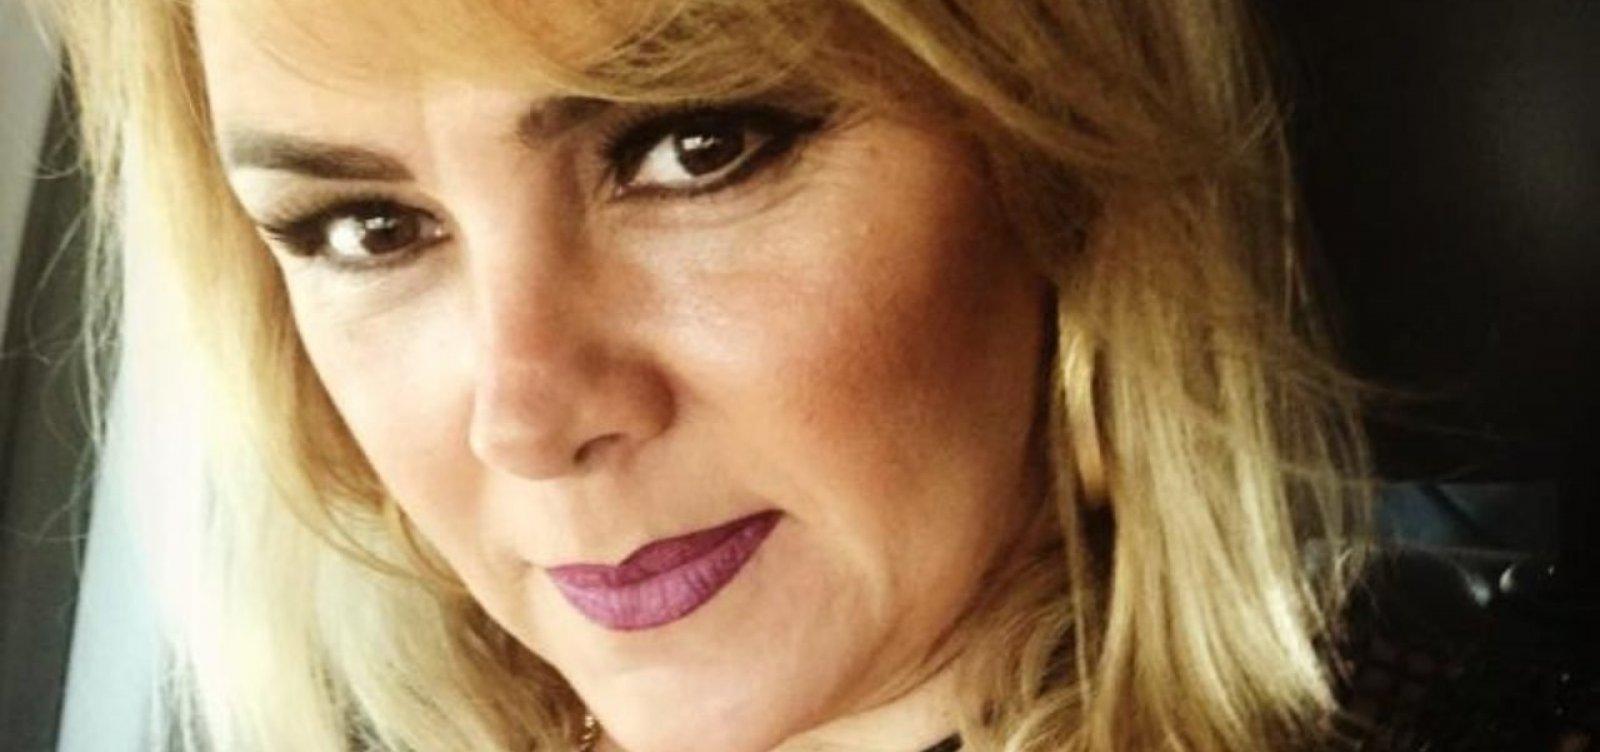 Novo advogado diz que ex-paquita estava apenas 'se coçando' em vídeo de suposta automutilação